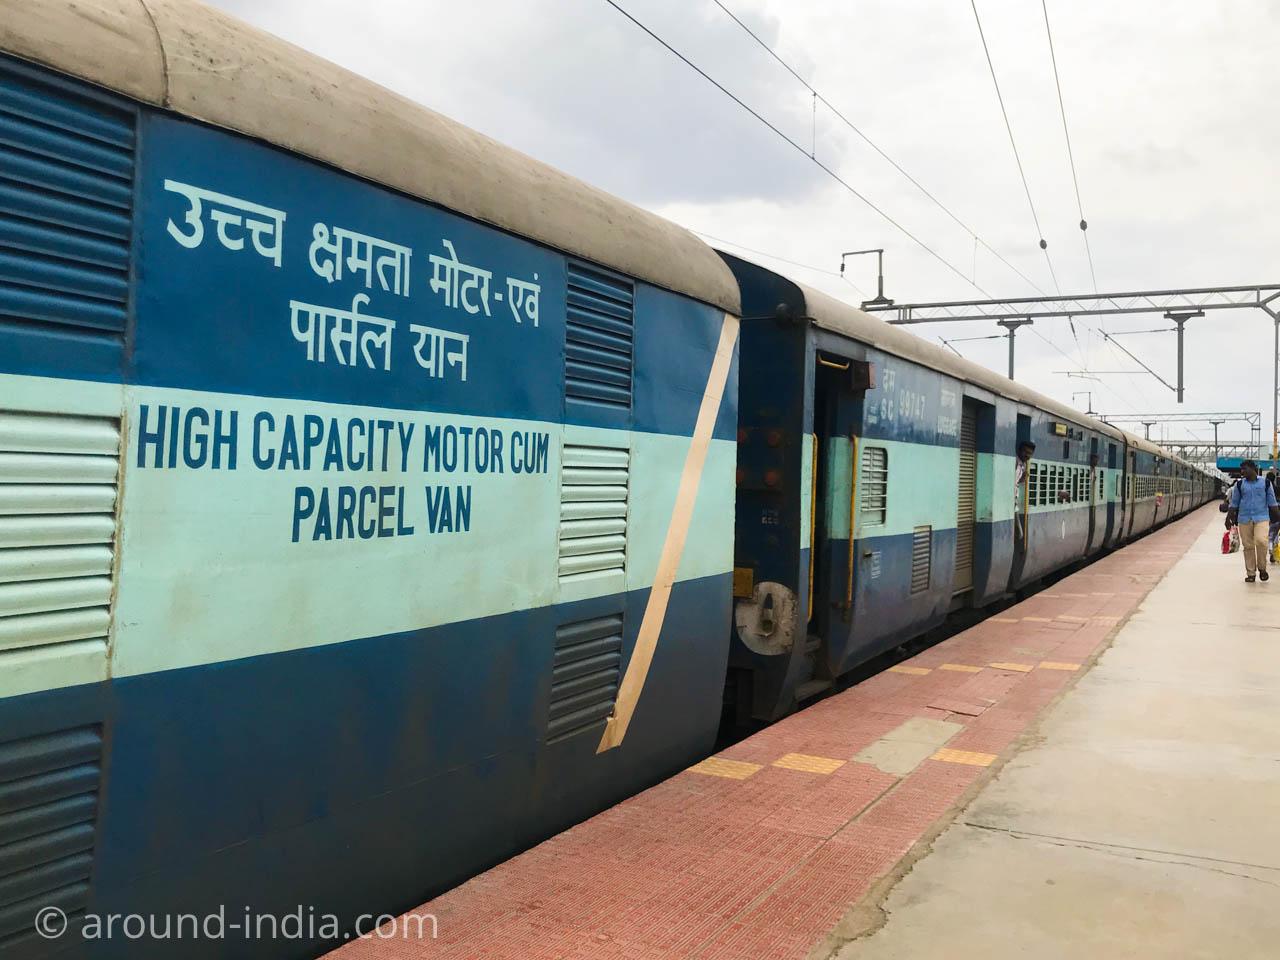 インドの電車IRCTC RAC チケット 乗車できる?